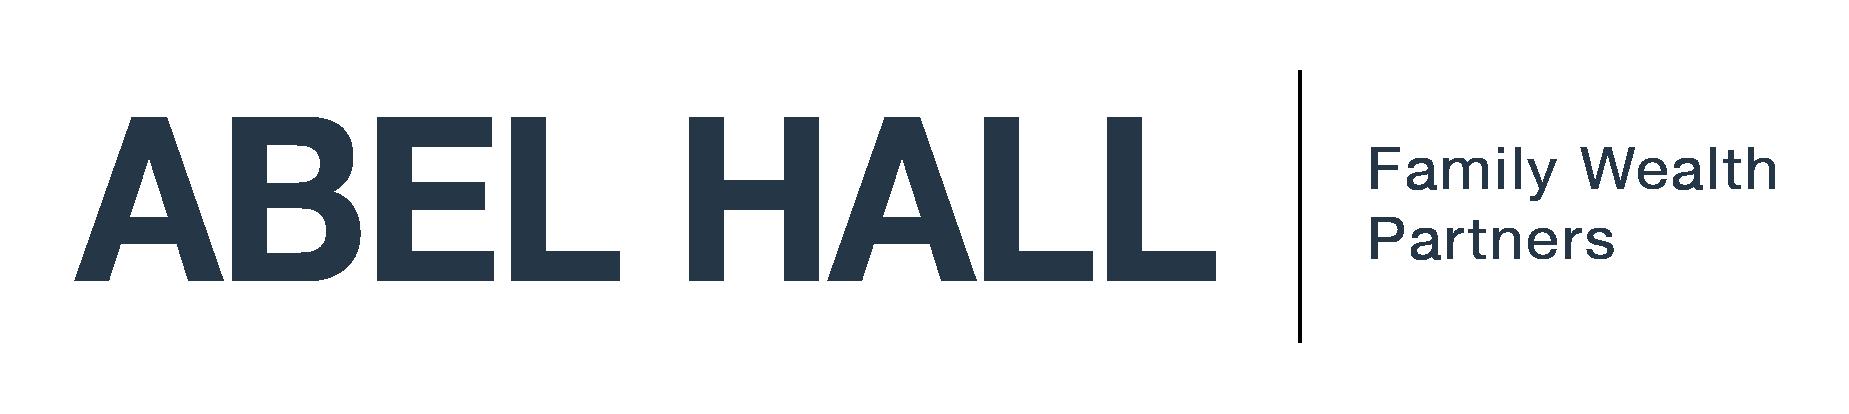 A belHall